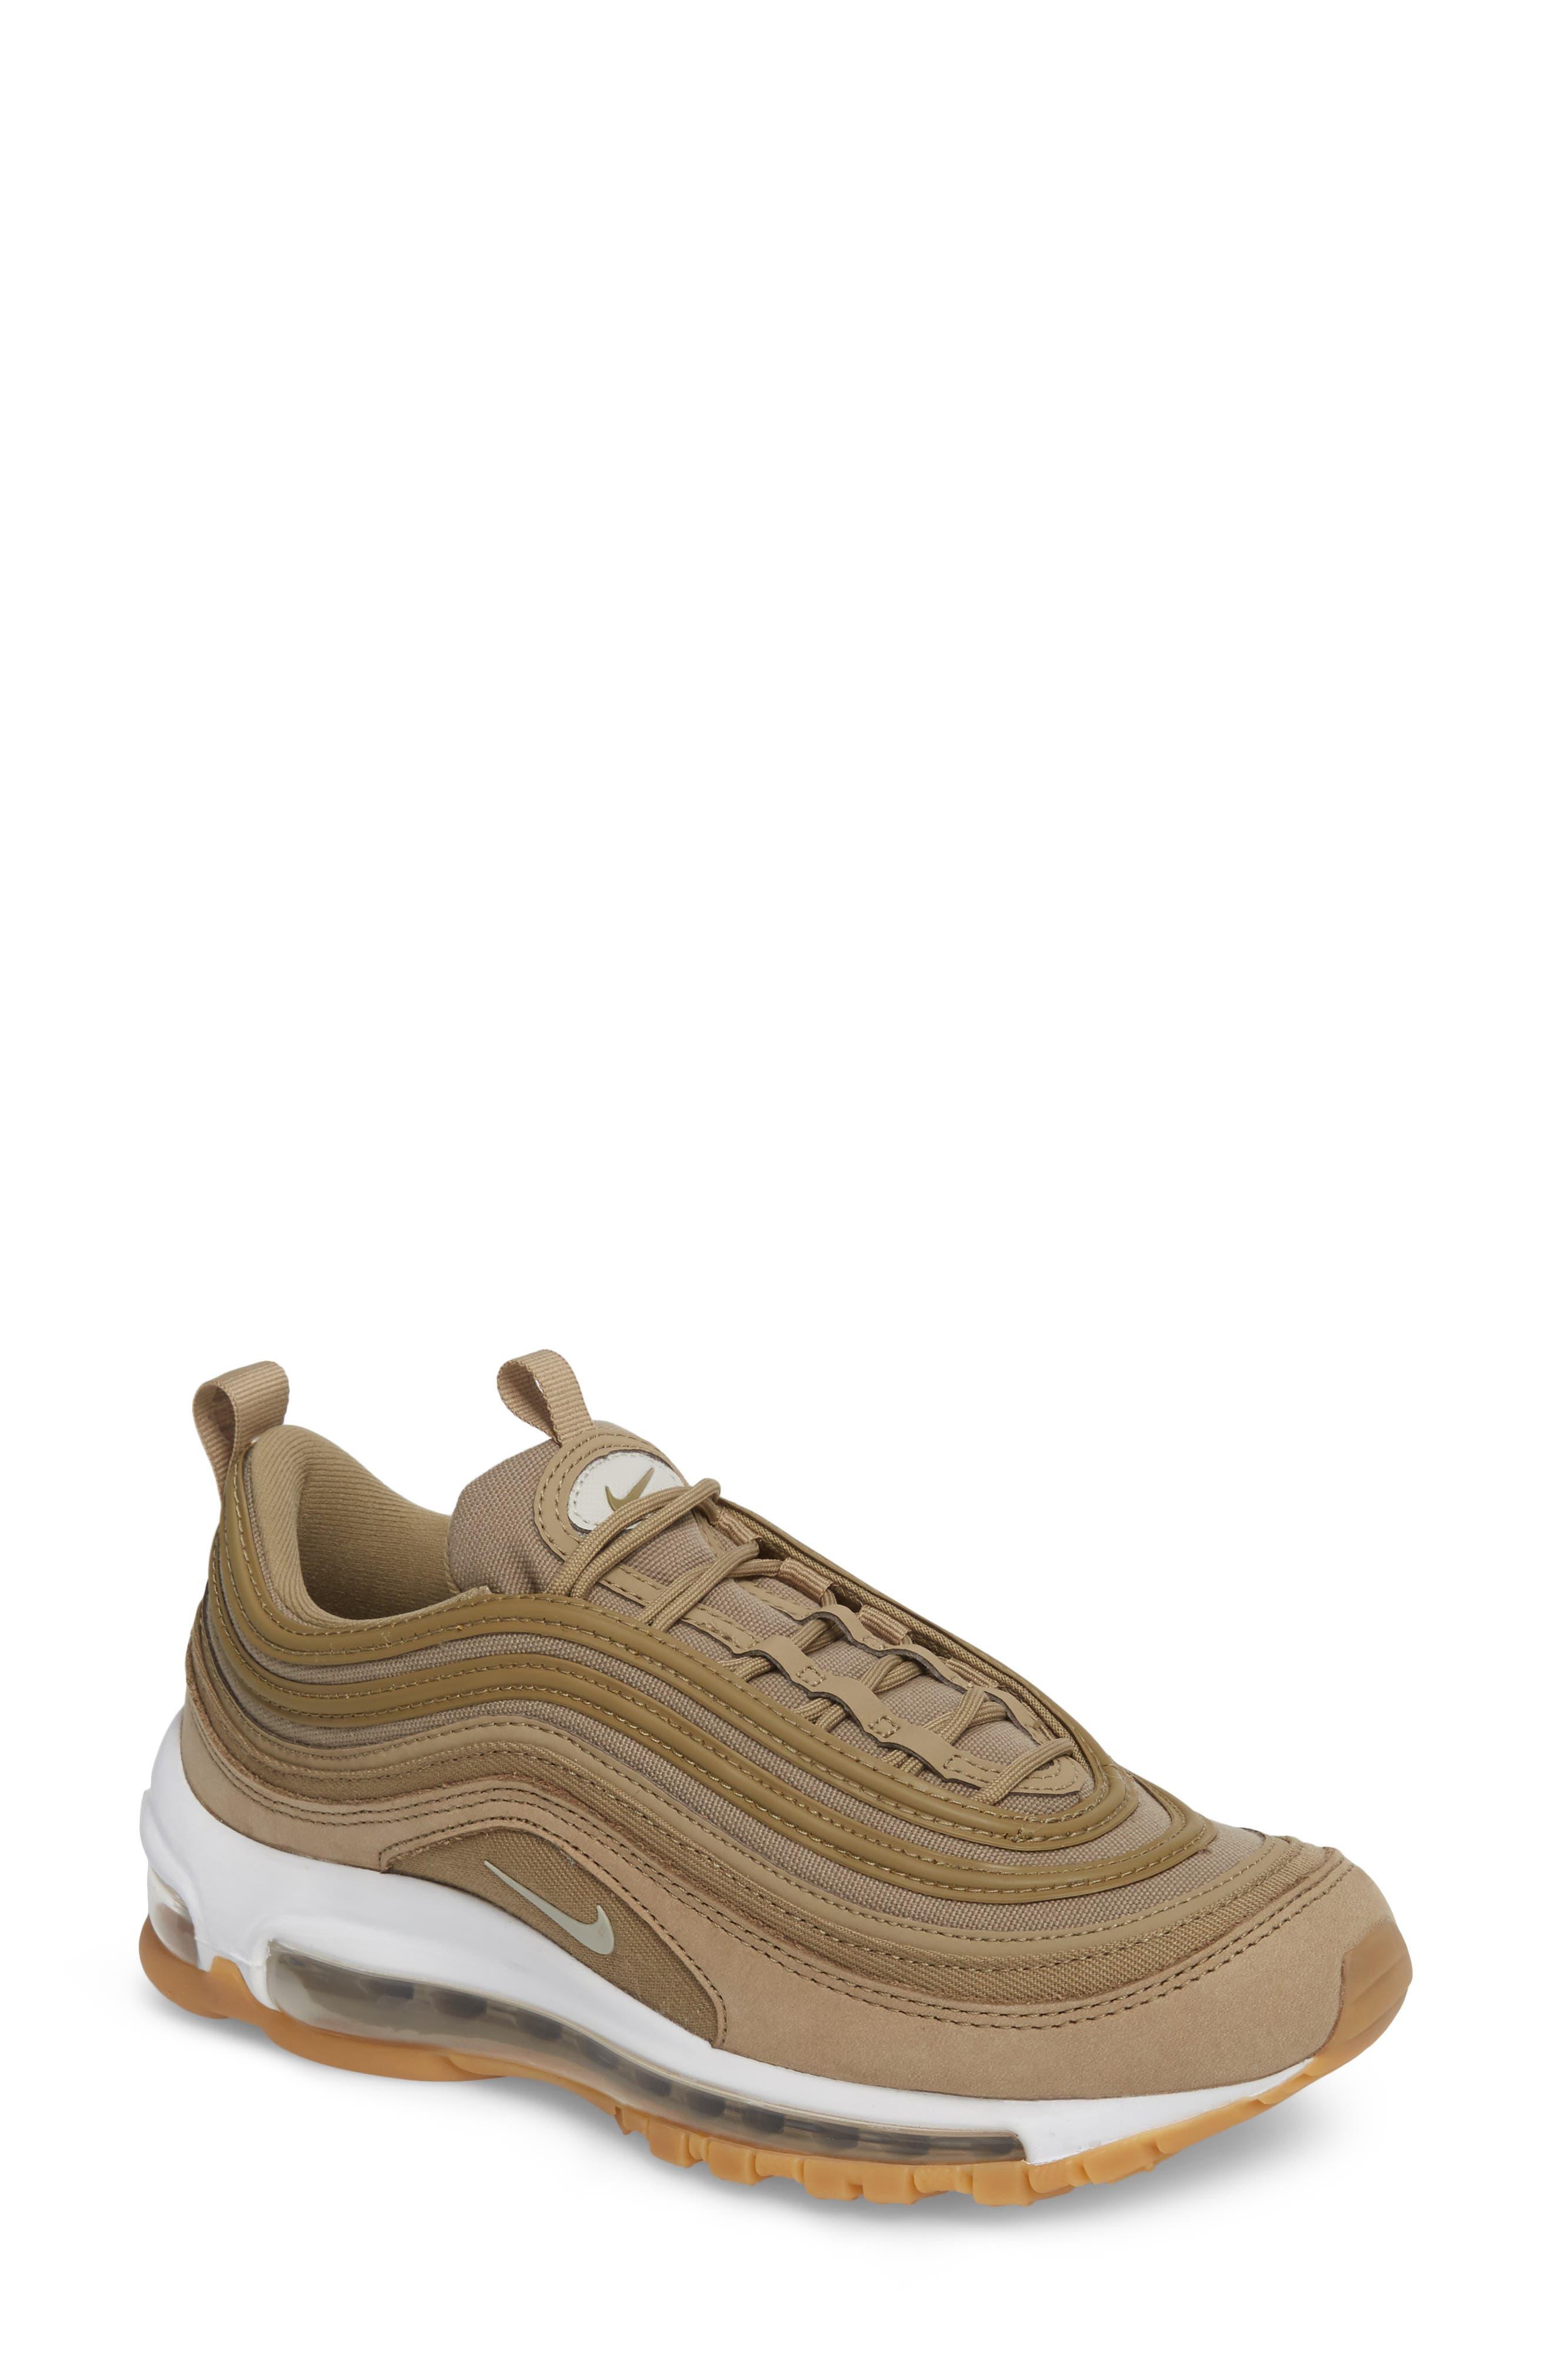 Air Max 97 UT Sneaker, Main, color, 255